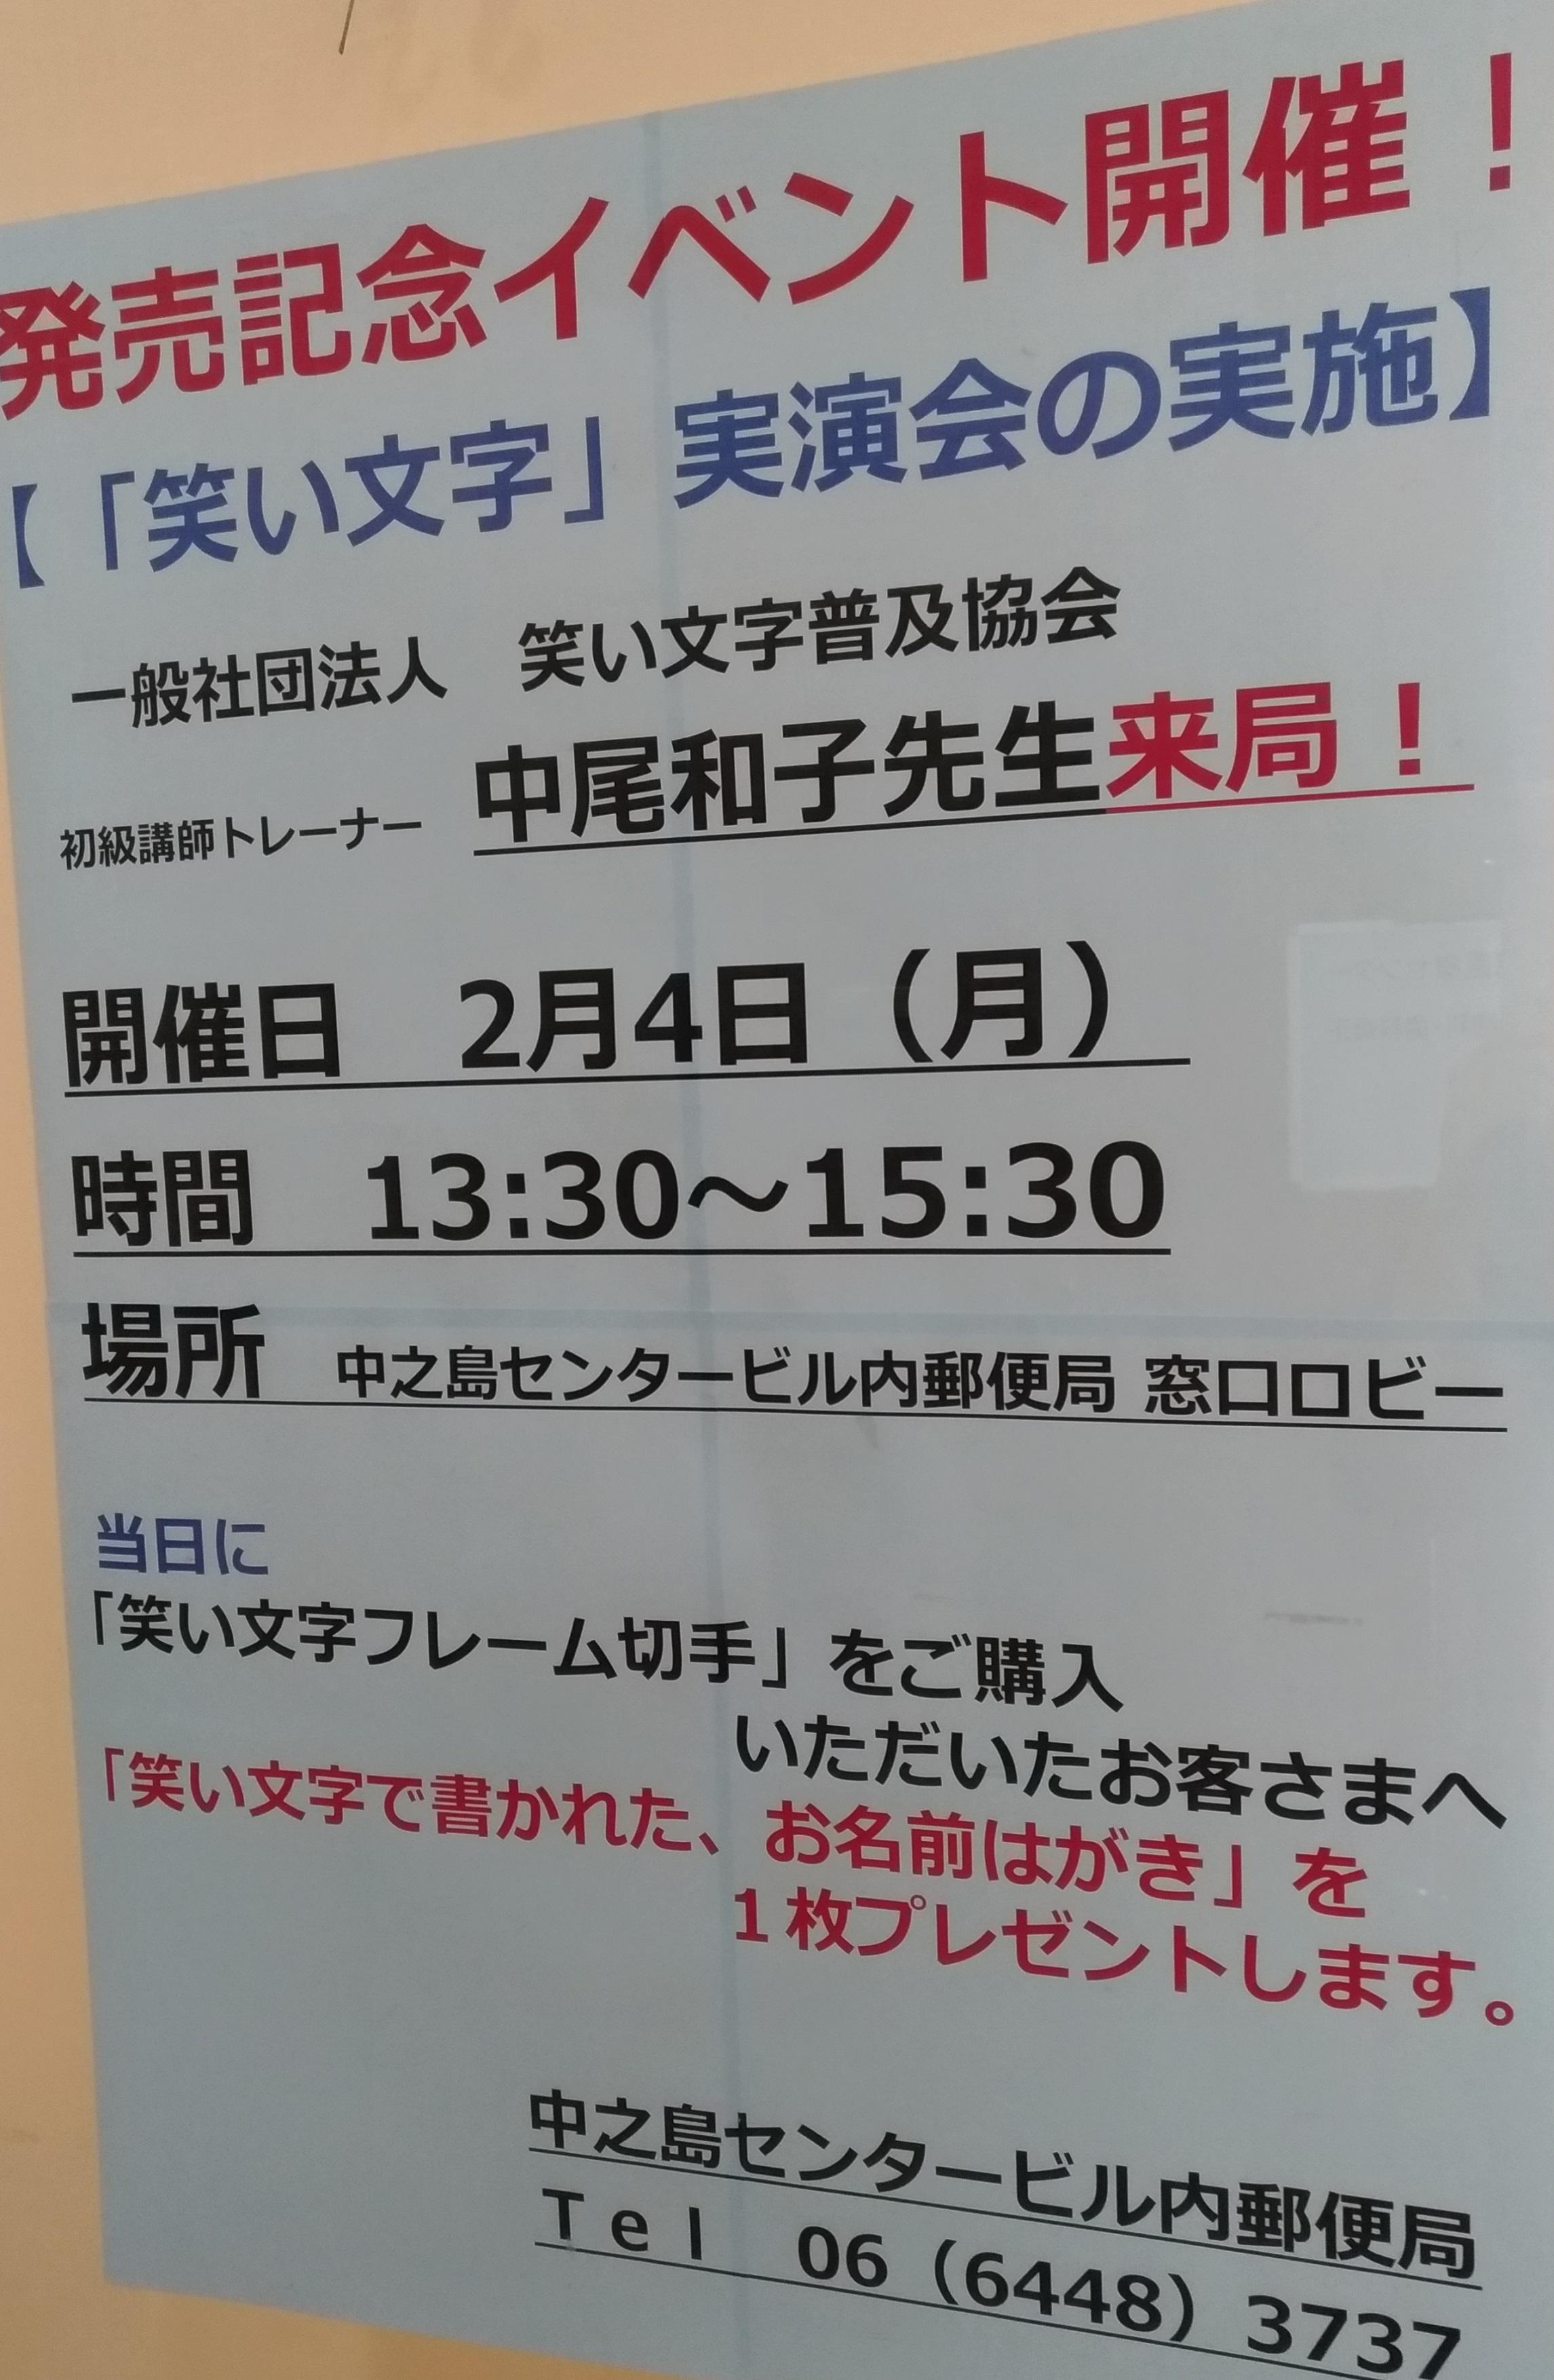 osaka_kitte_owarai_moji1.jpg